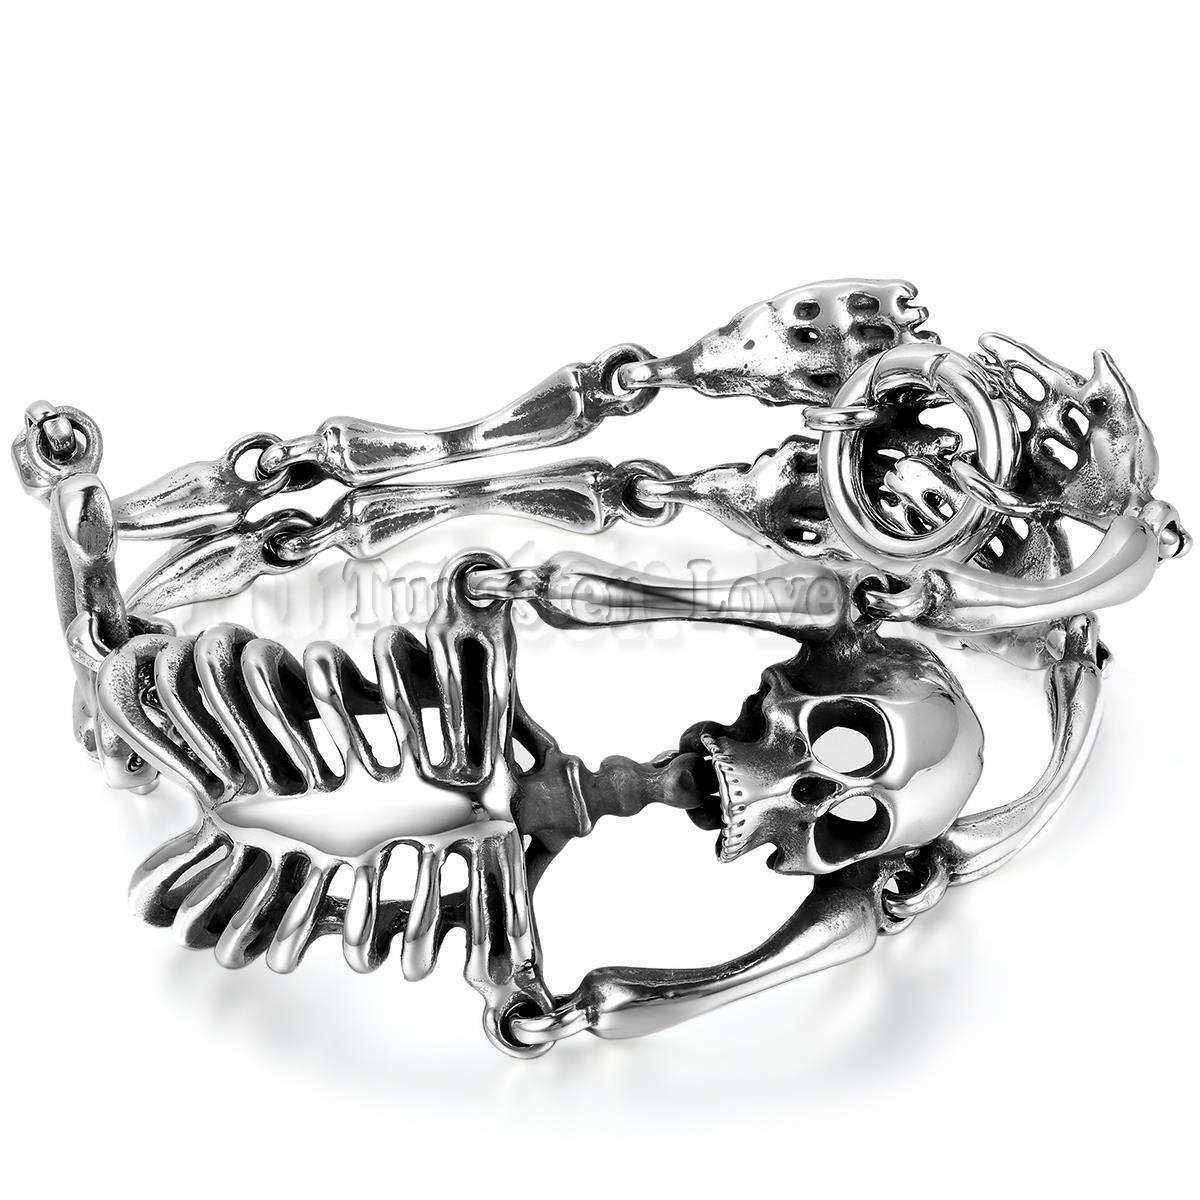 8.6 de pouce Hommes En Acier Inoxydable Bracelet Lien Poignet Argent Noir Crâne Squelette Vintage Bijoux Garçon Cadeau pulseira masculina couro